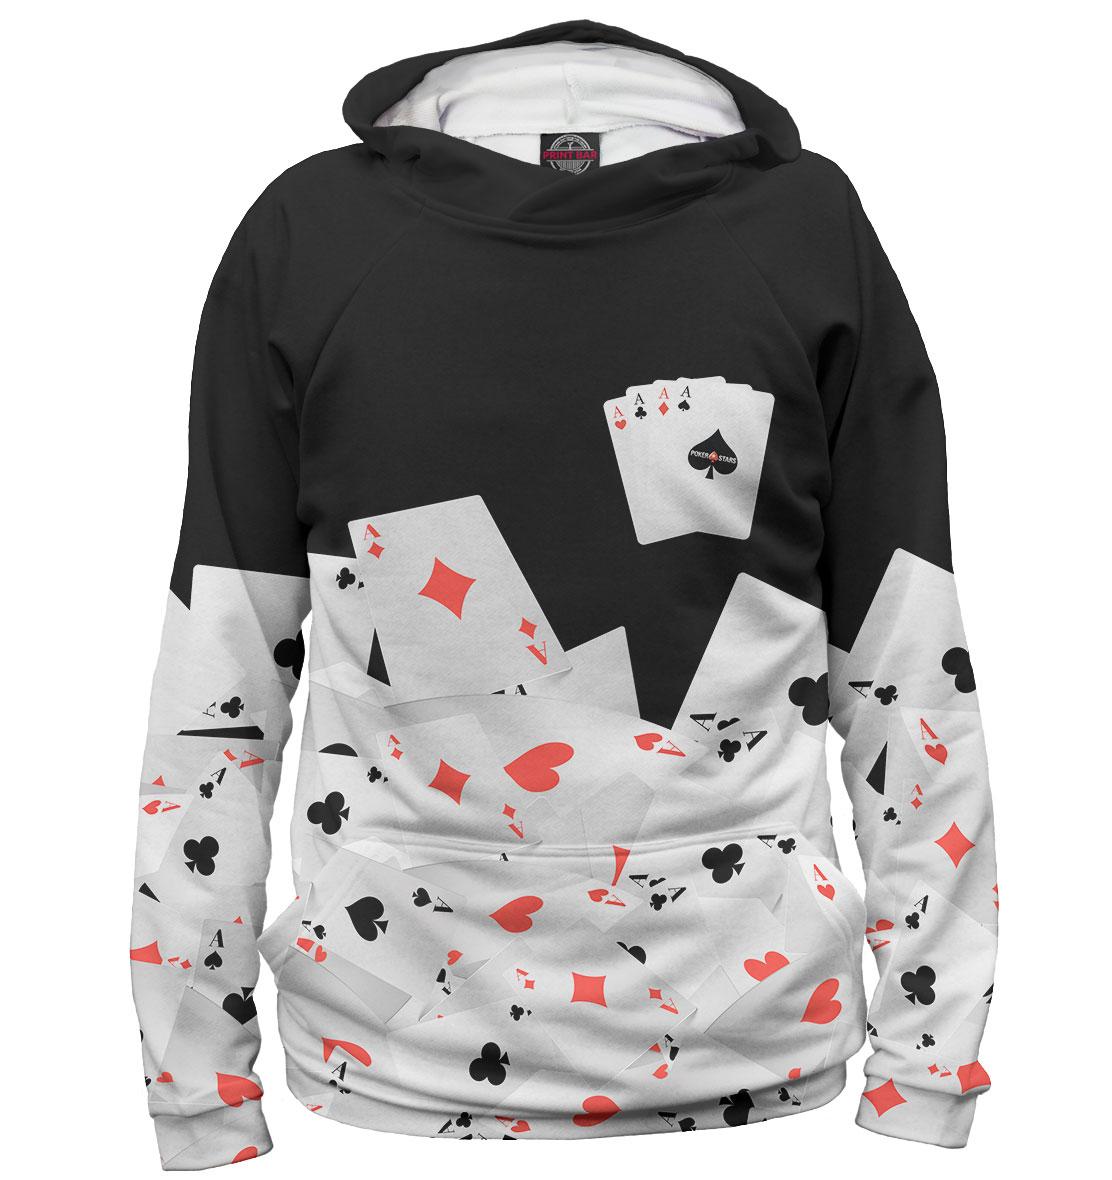 Купить Покер, Printbar, Худи, POK-473047-hud-2